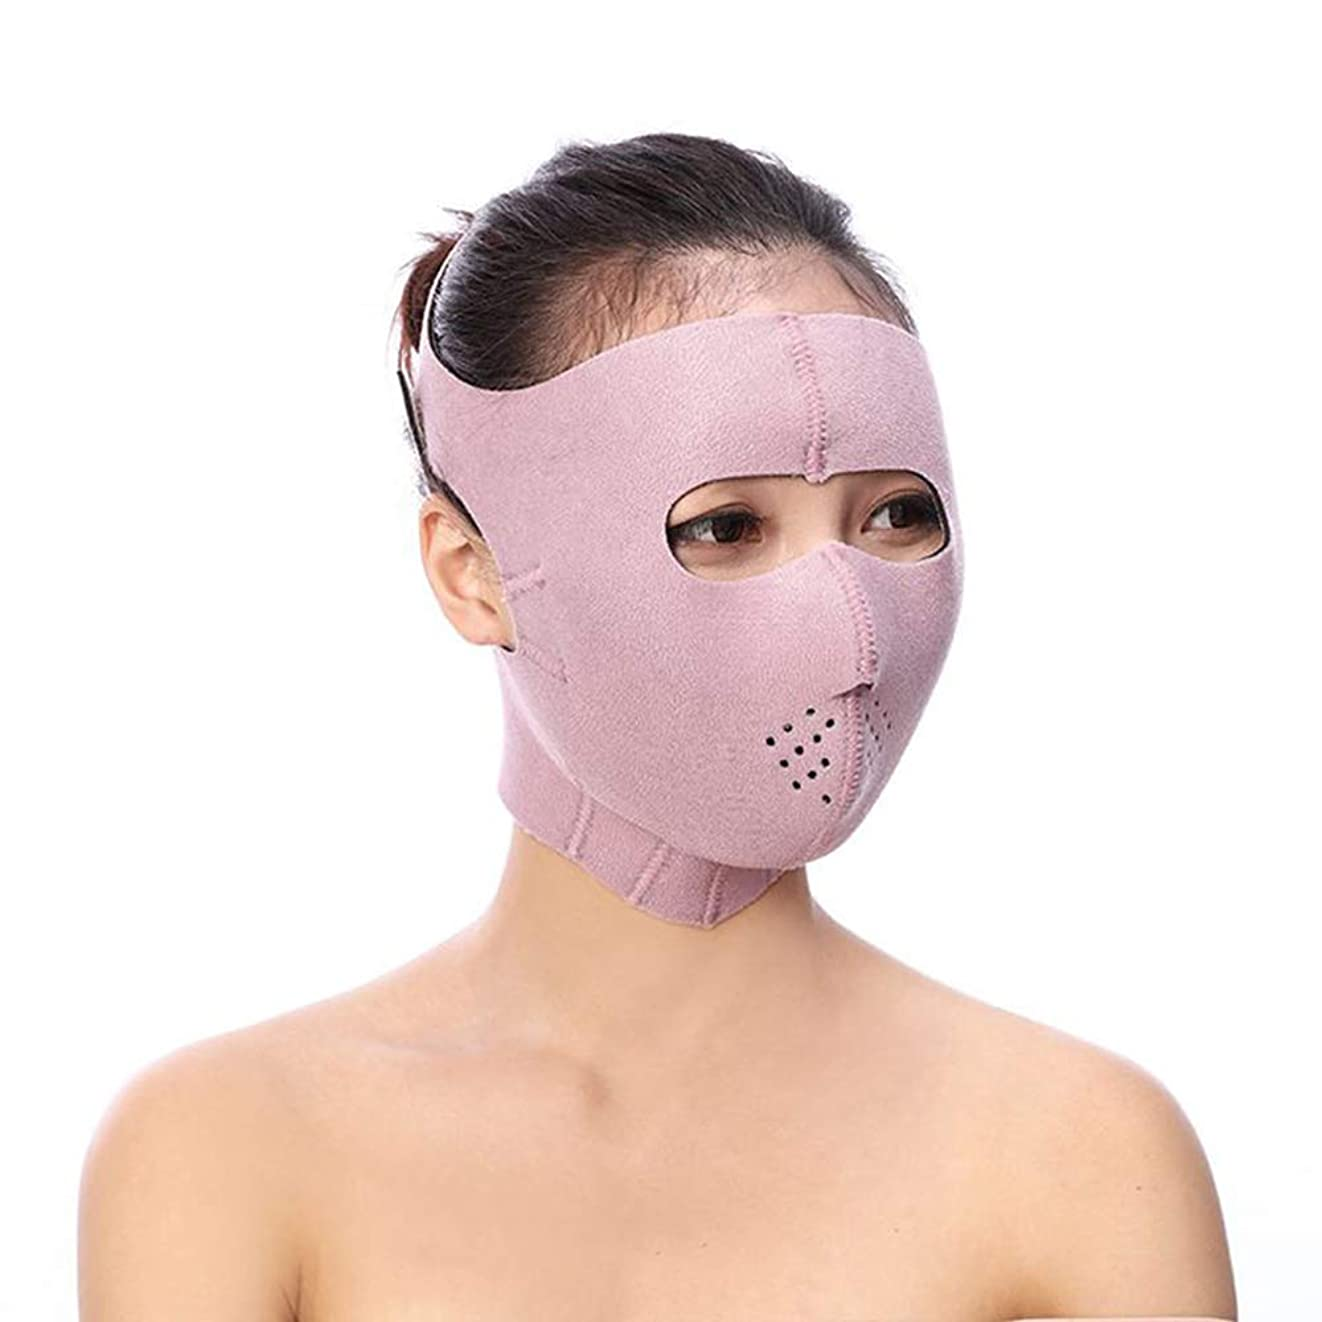 悪因子ハード移住するMinmin フェイシャルリフティング痩身ベルト - Vフェイス包帯マスクフェイシャルマッサージャー無料の薄いフェイス包帯整形マスクを引き締める顔と首の顔スリム みんみんVラインフェイスマスク